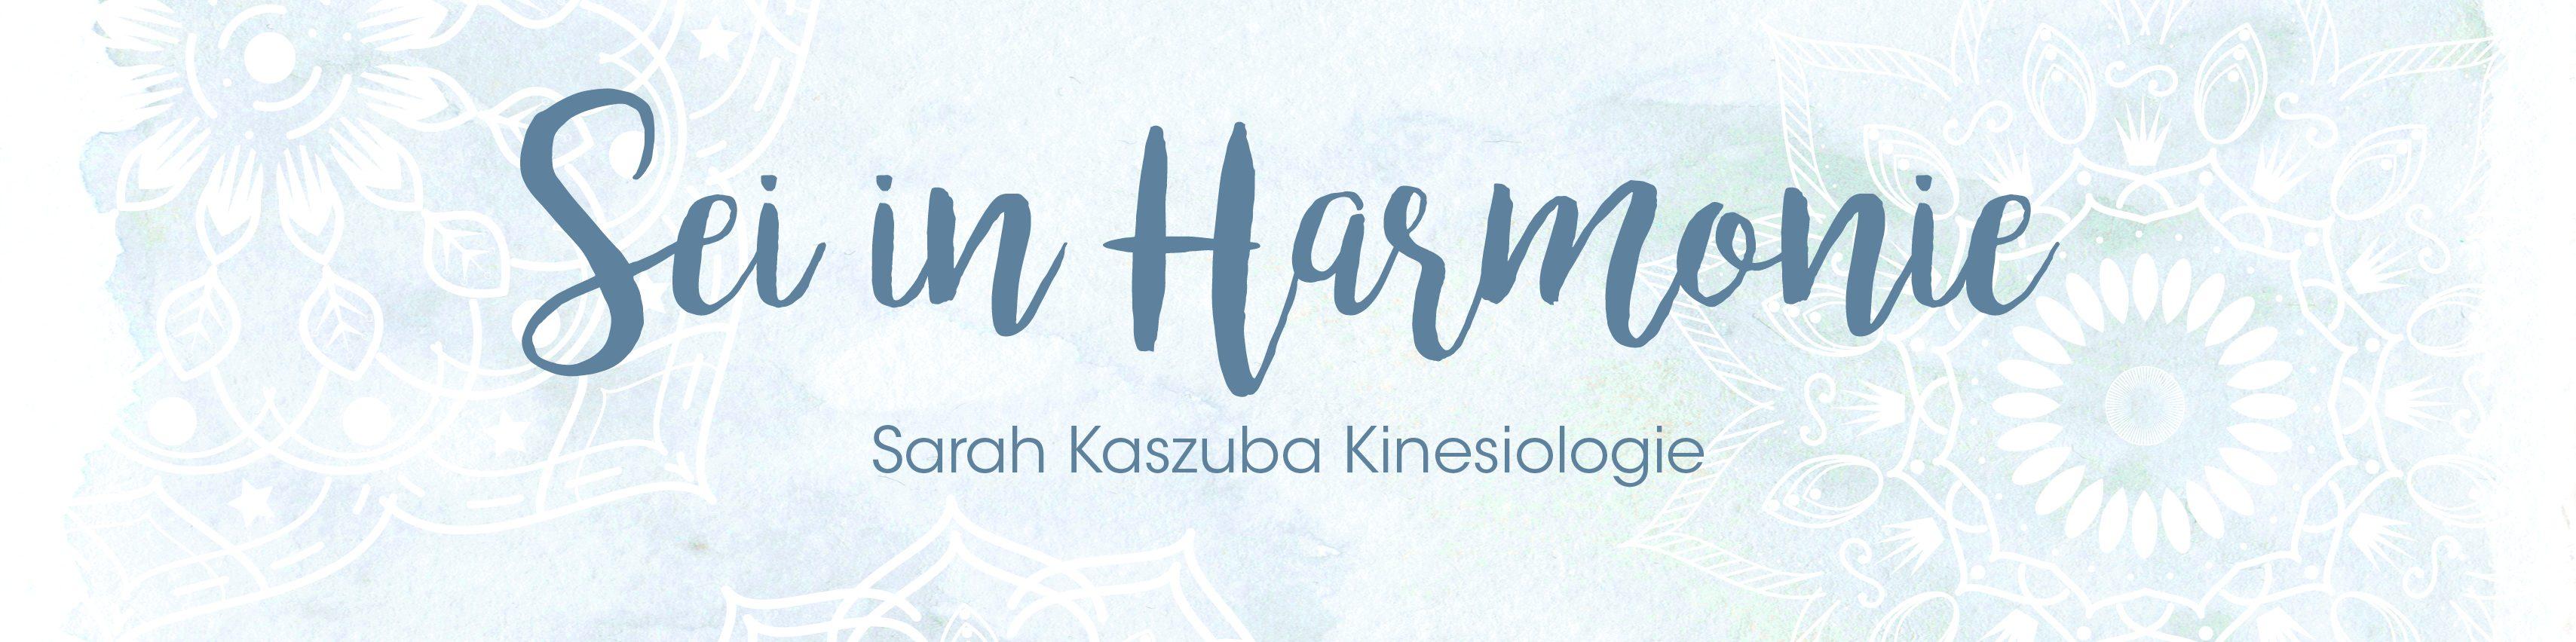 Sei in Harmonie  – mit Kinesiologie in deiner Mitte